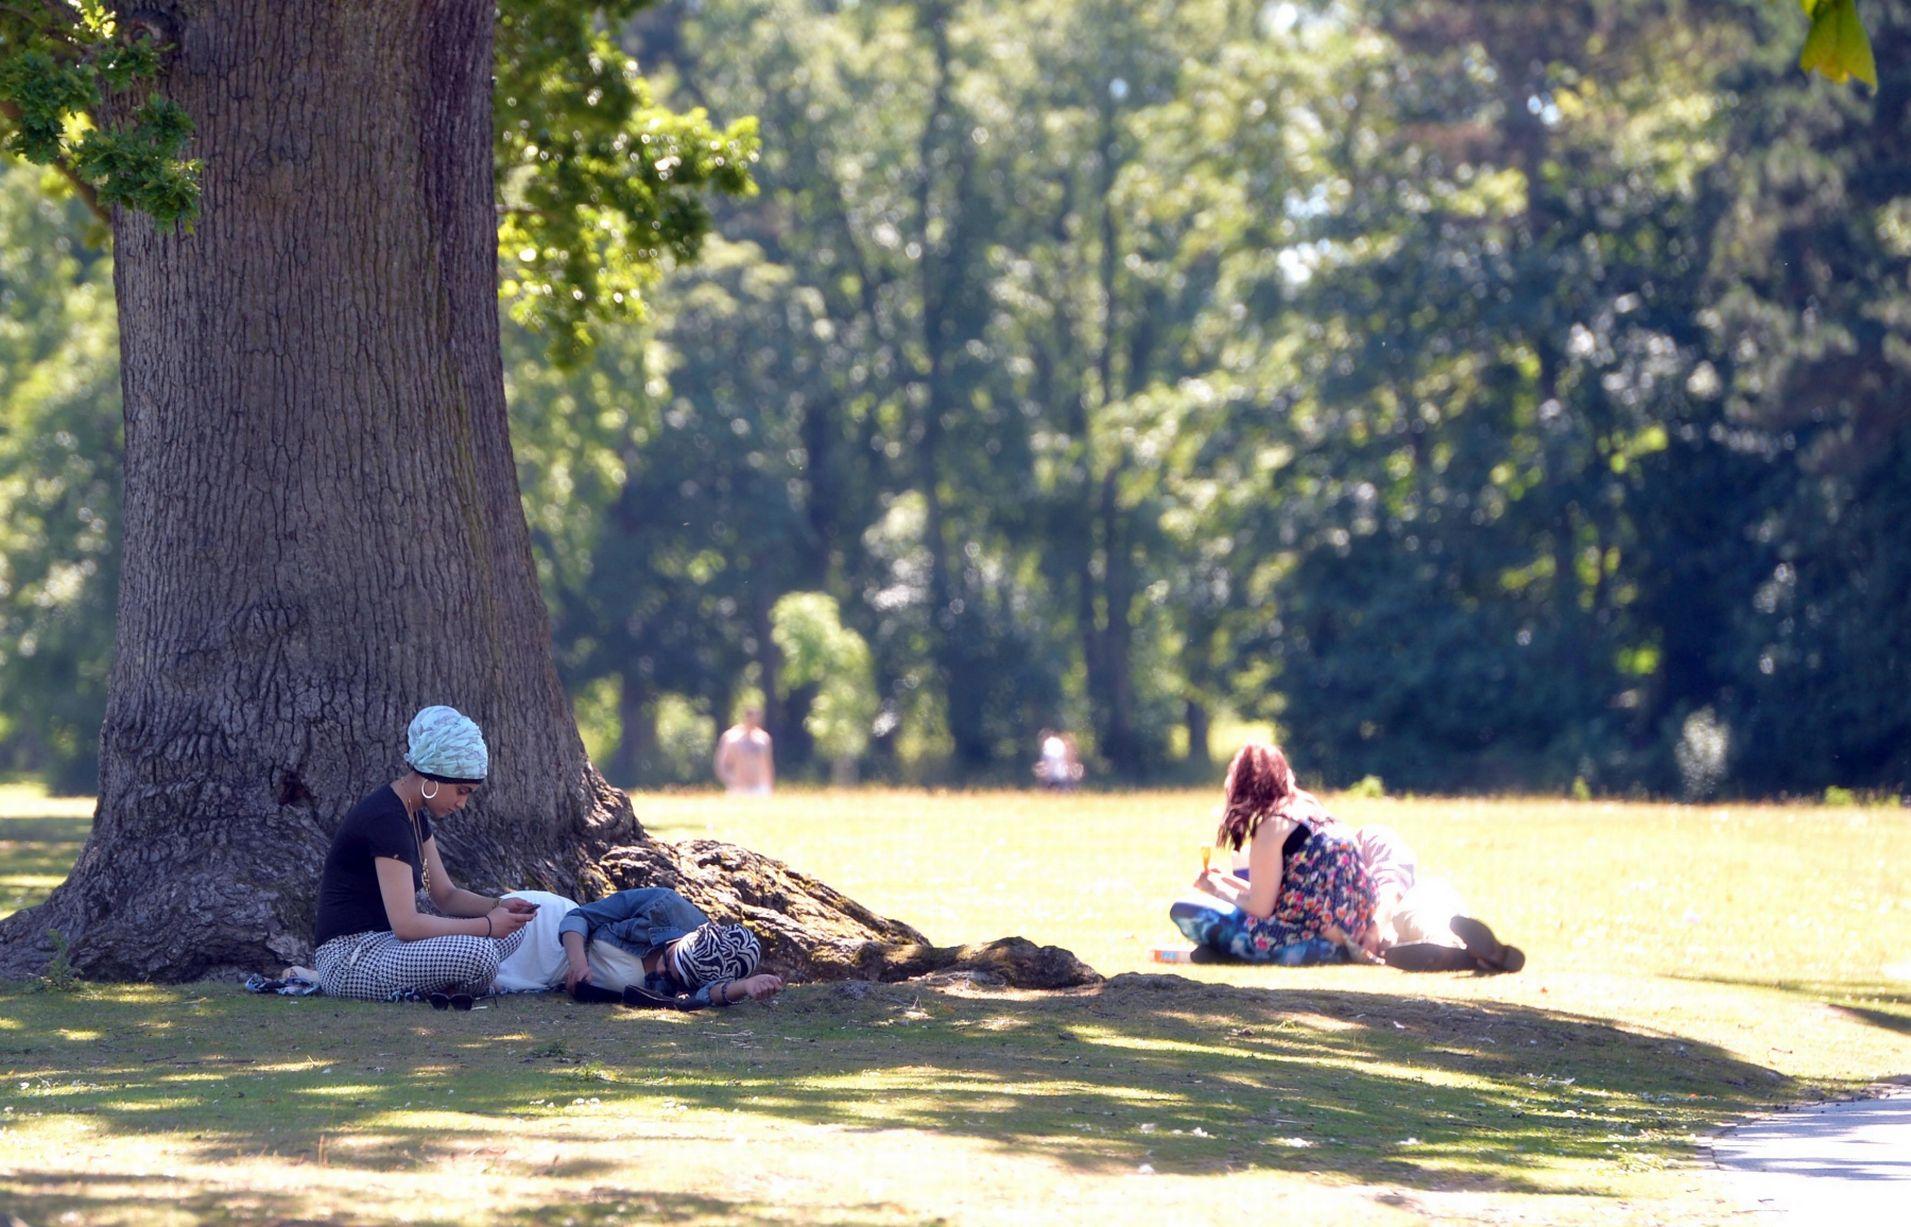 avrupa rüyası ingiltere birmingham Cannon Hill Park